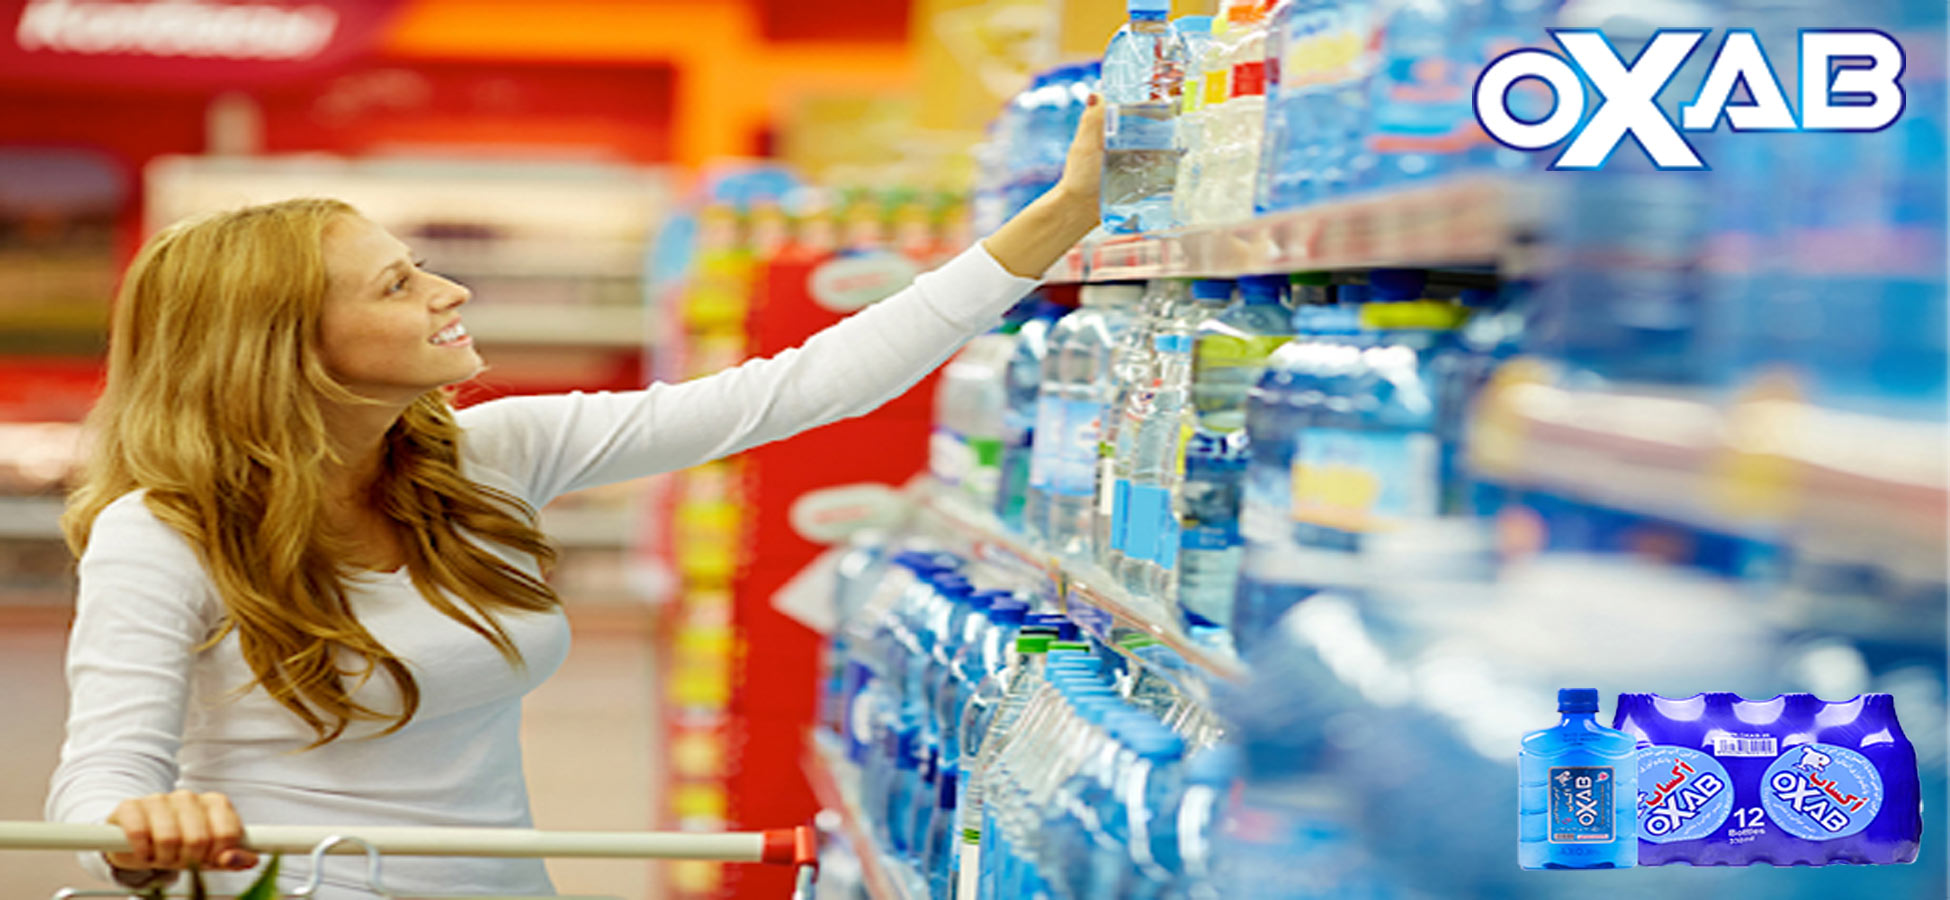 مهمترین ماده معدنی موجود در آب اشامیدنی چیست؟